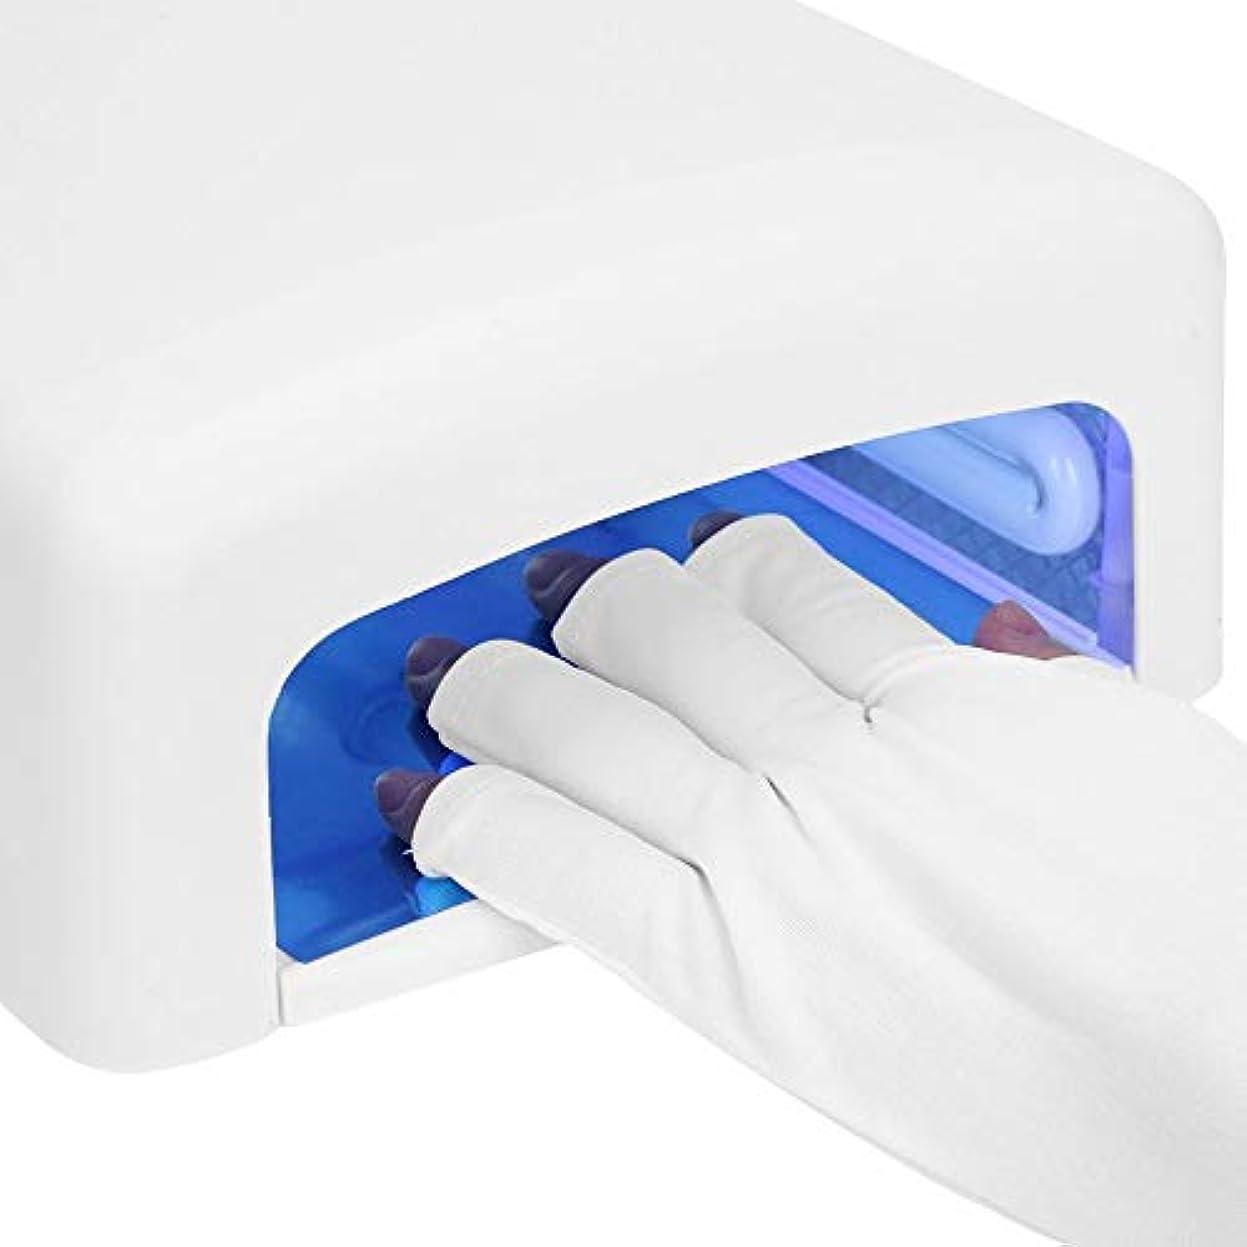 多分居住者心理的にUV シールド手袋、ジェル ? ポリッシュの紫外線保護手袋、ゲル爪紫外線乾燥硬化ランプ UV 爪ランプ